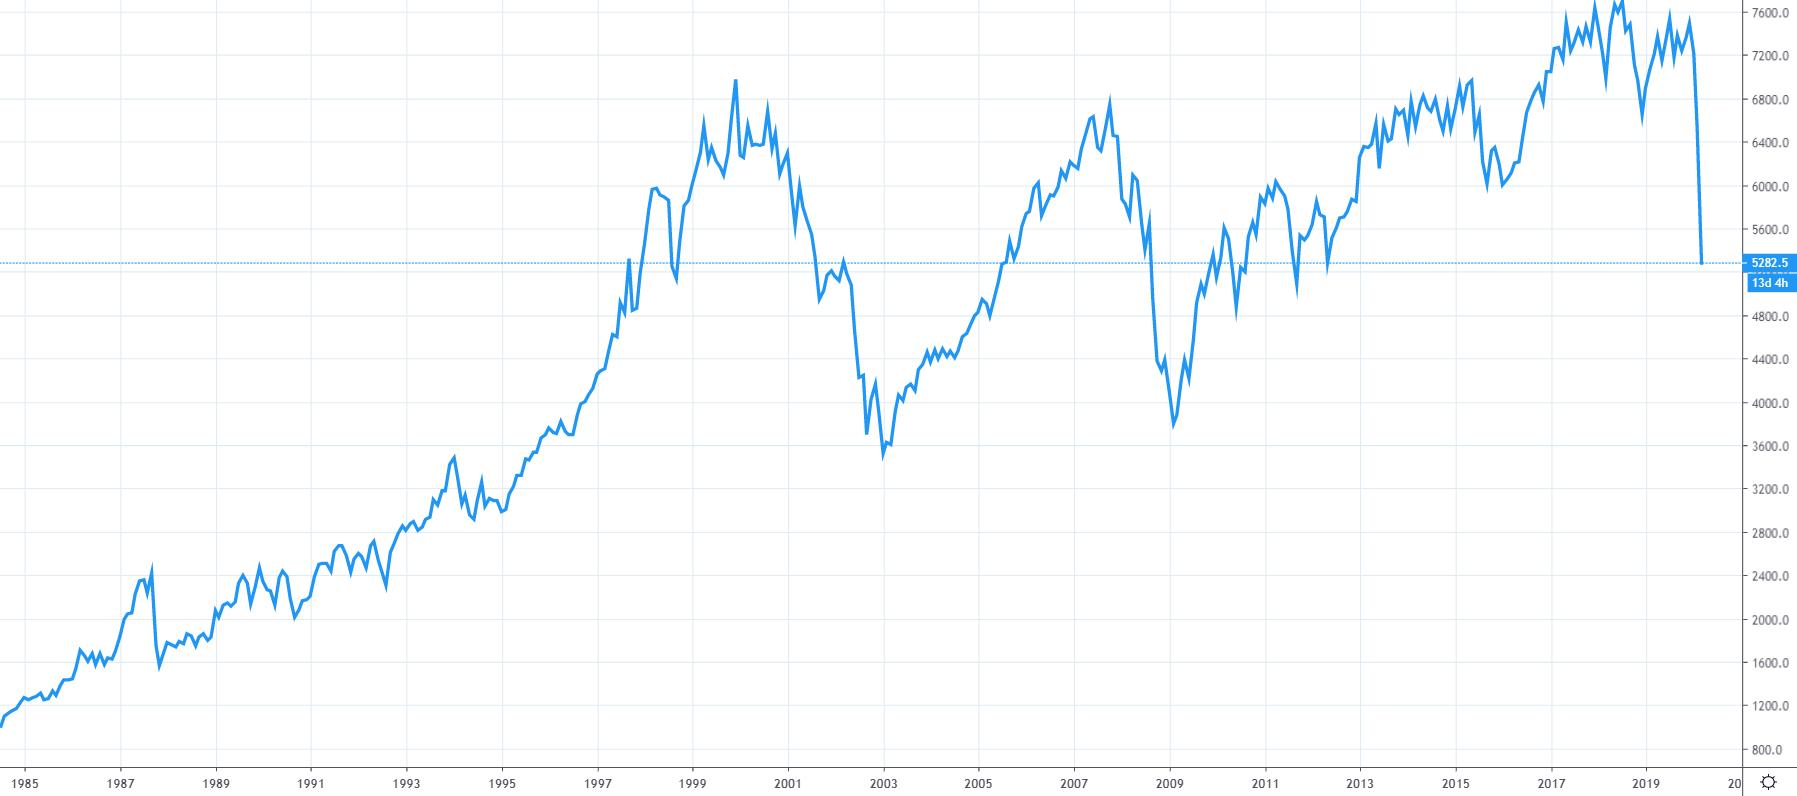 Graf indexu FTSE 100